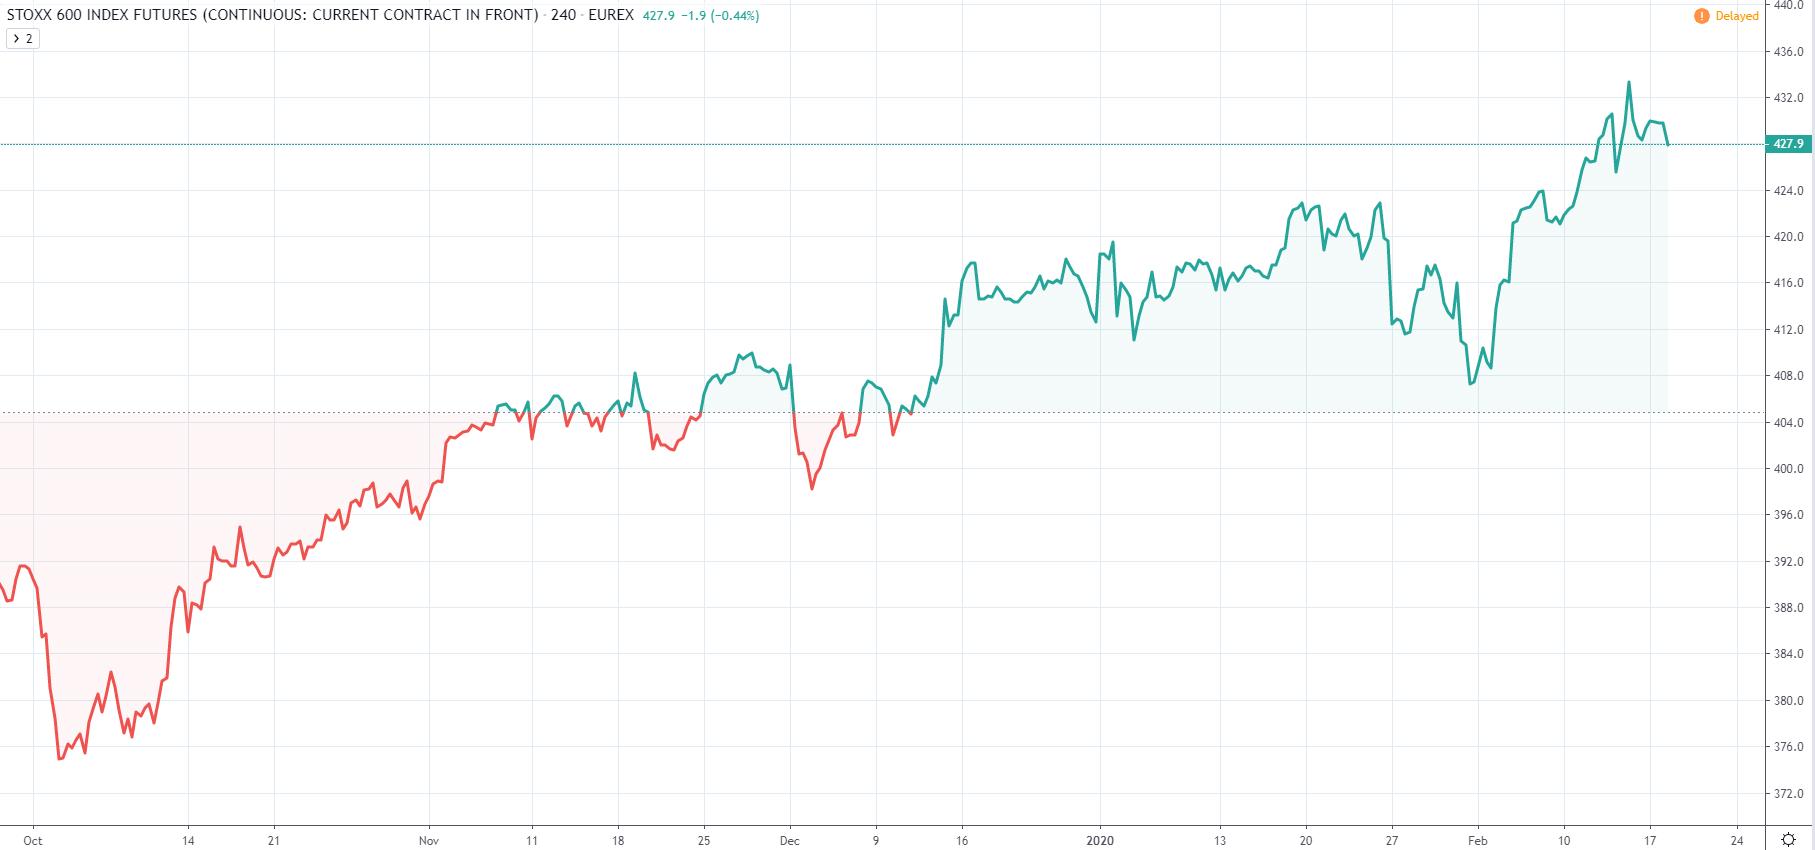 wykres Stoxx 600 indeks D1 18.02.2020